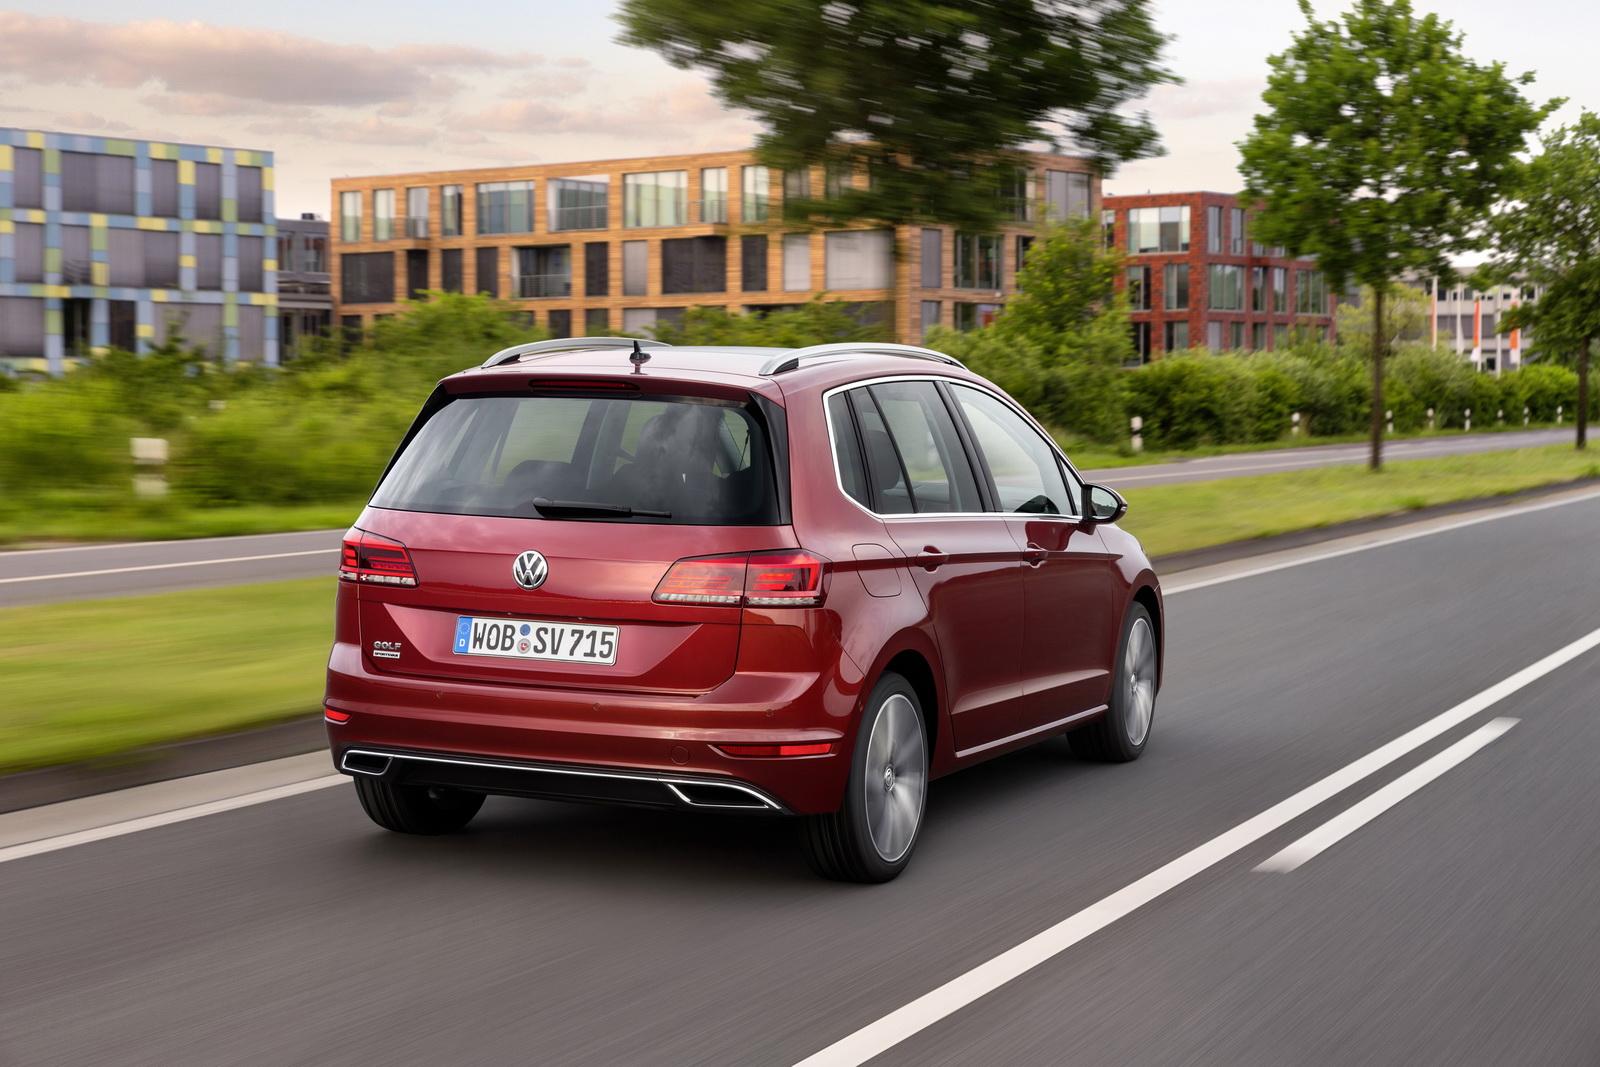 2018_Volkswagen_Golf_Sportsvan_facelift_11